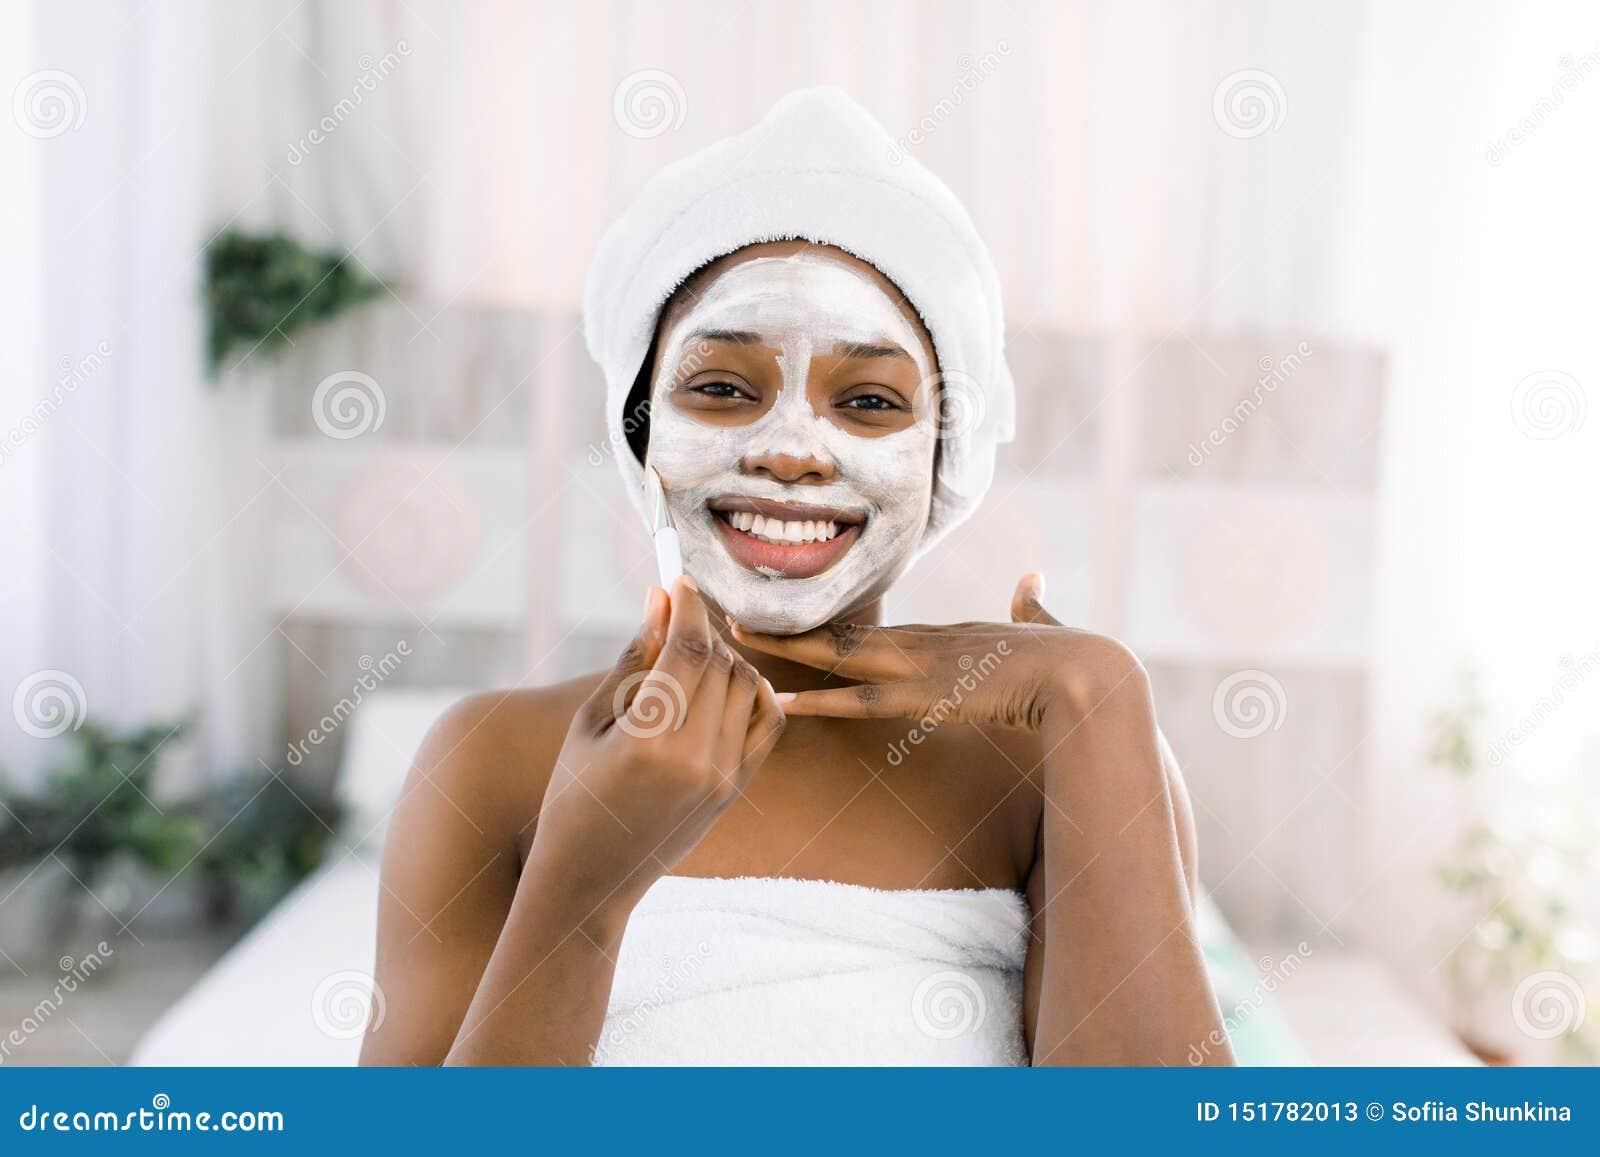 masque facial visage